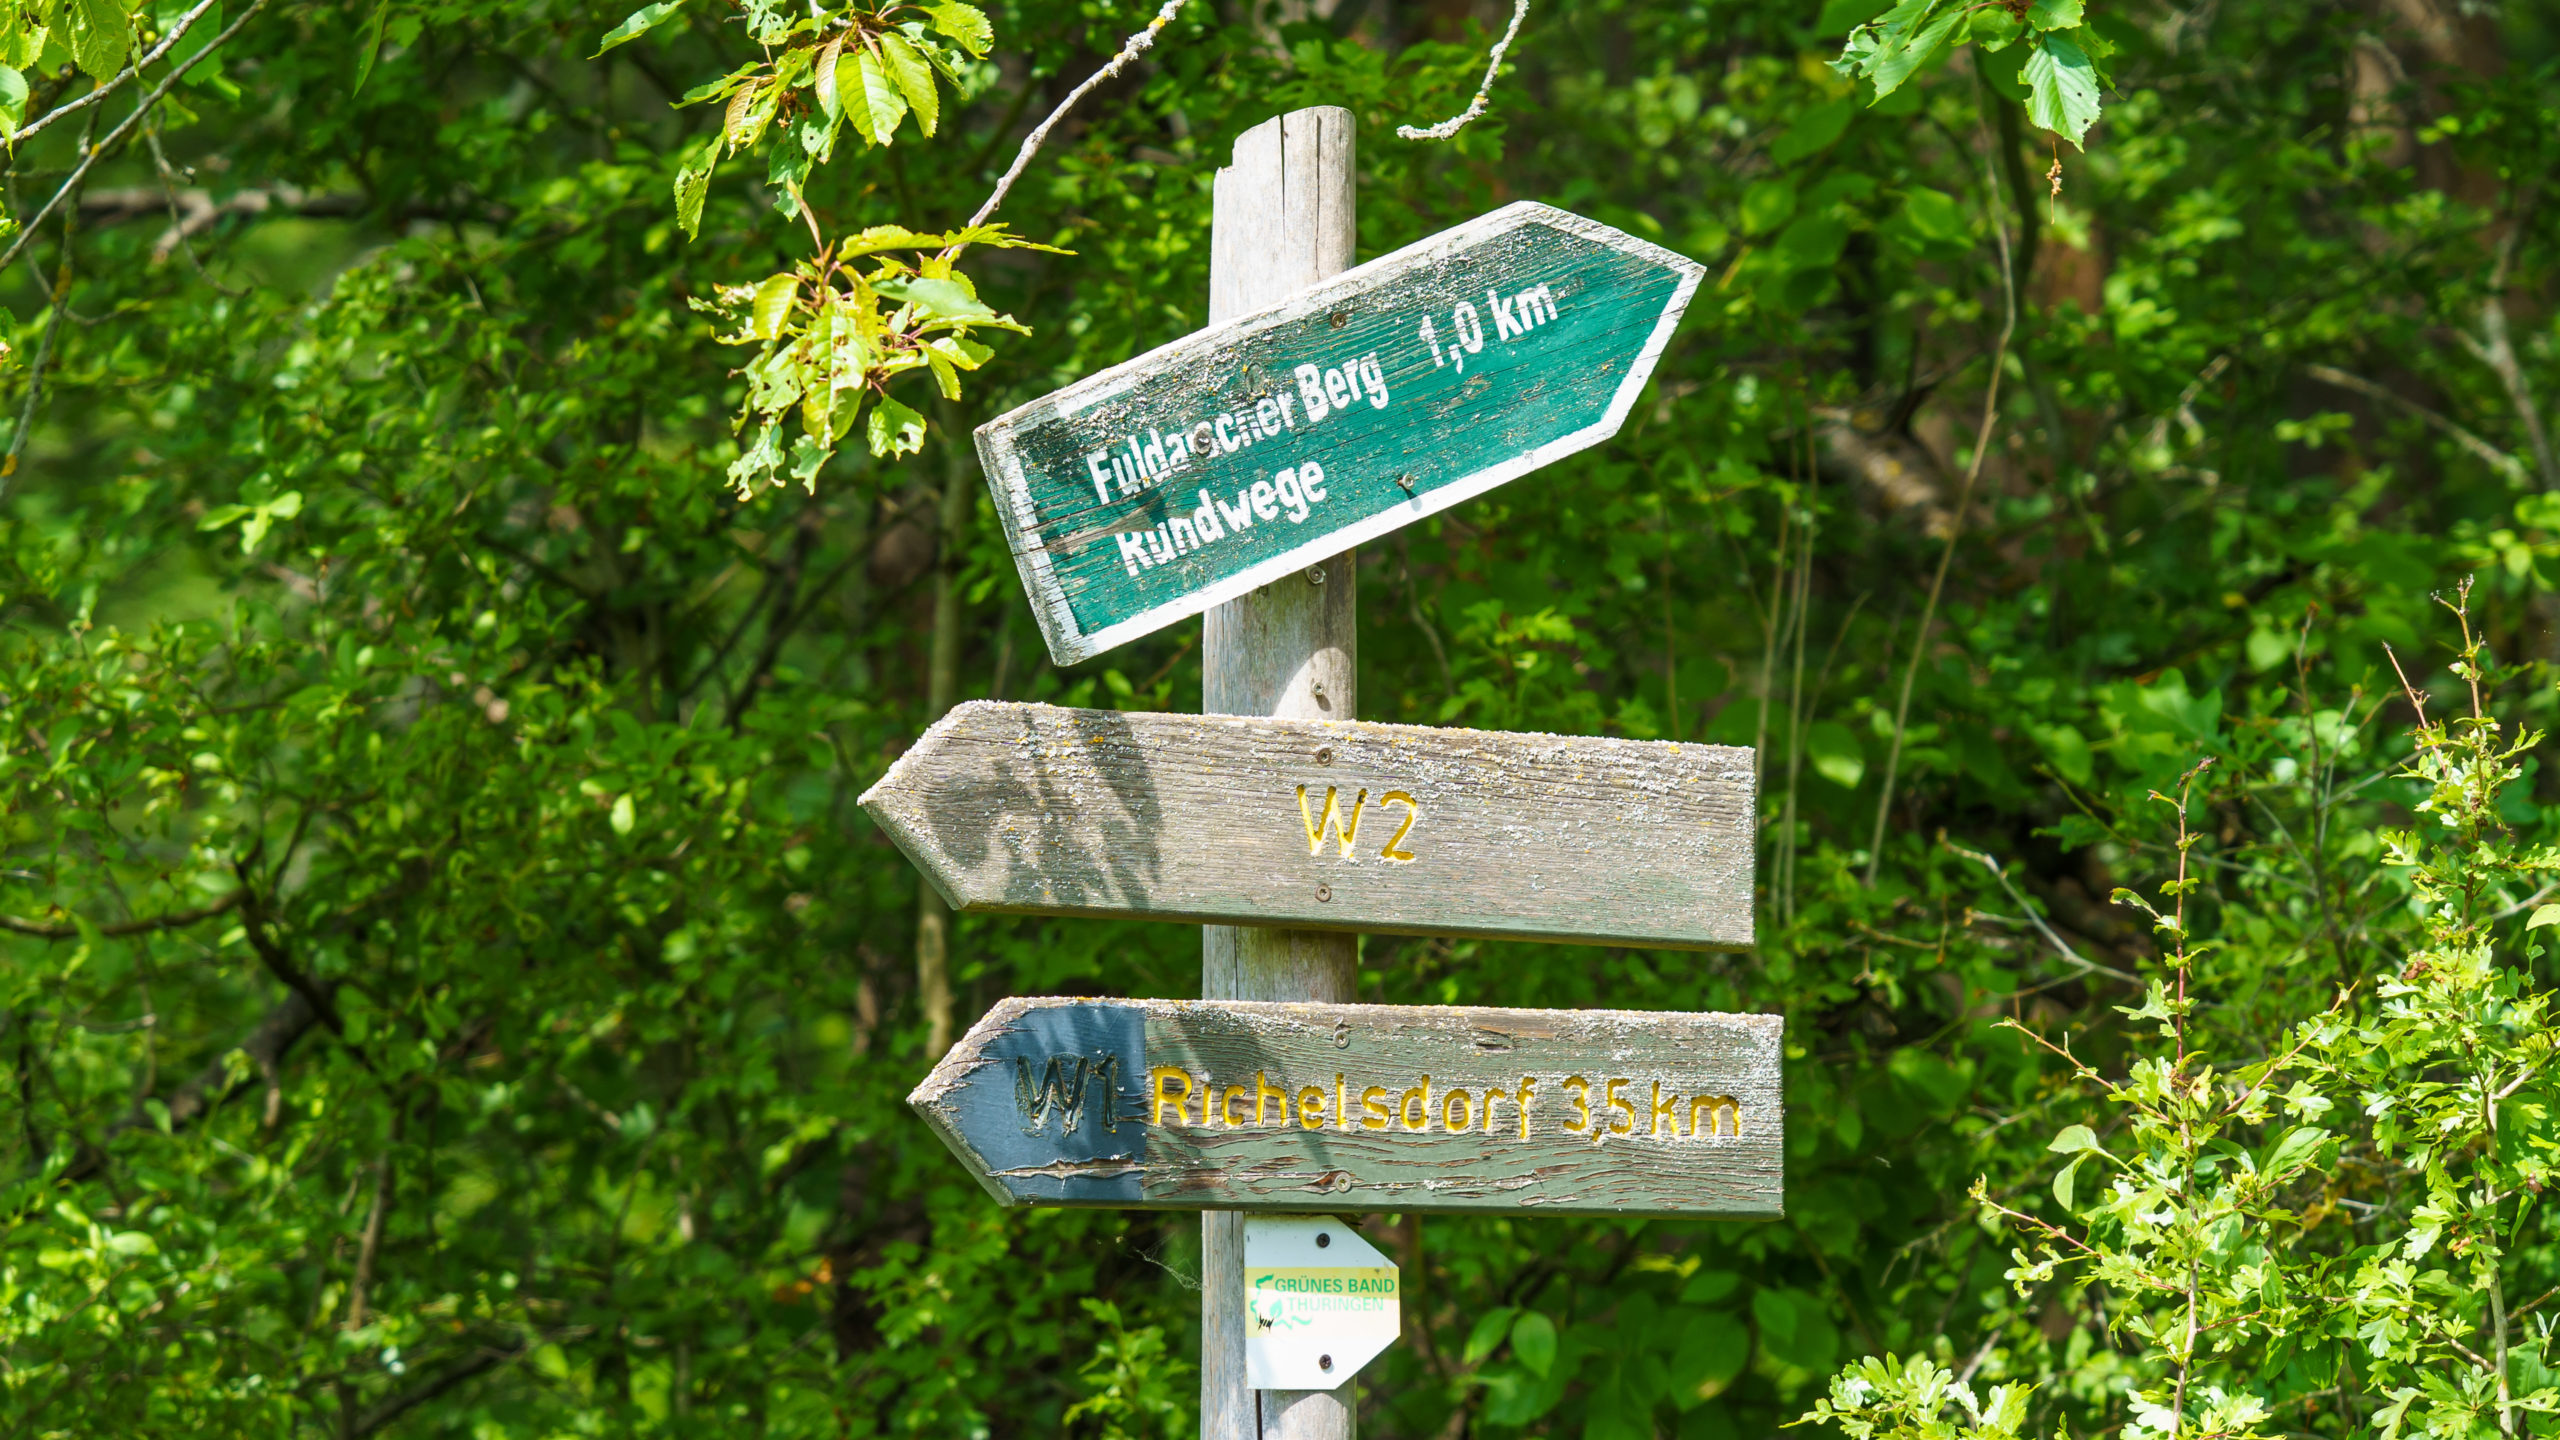 Grenzweg Gerstunger Forst, am Ziel unterhalb Fuldaischer Berg, nahe Richelsdorfer Tal, bei Untersuhl